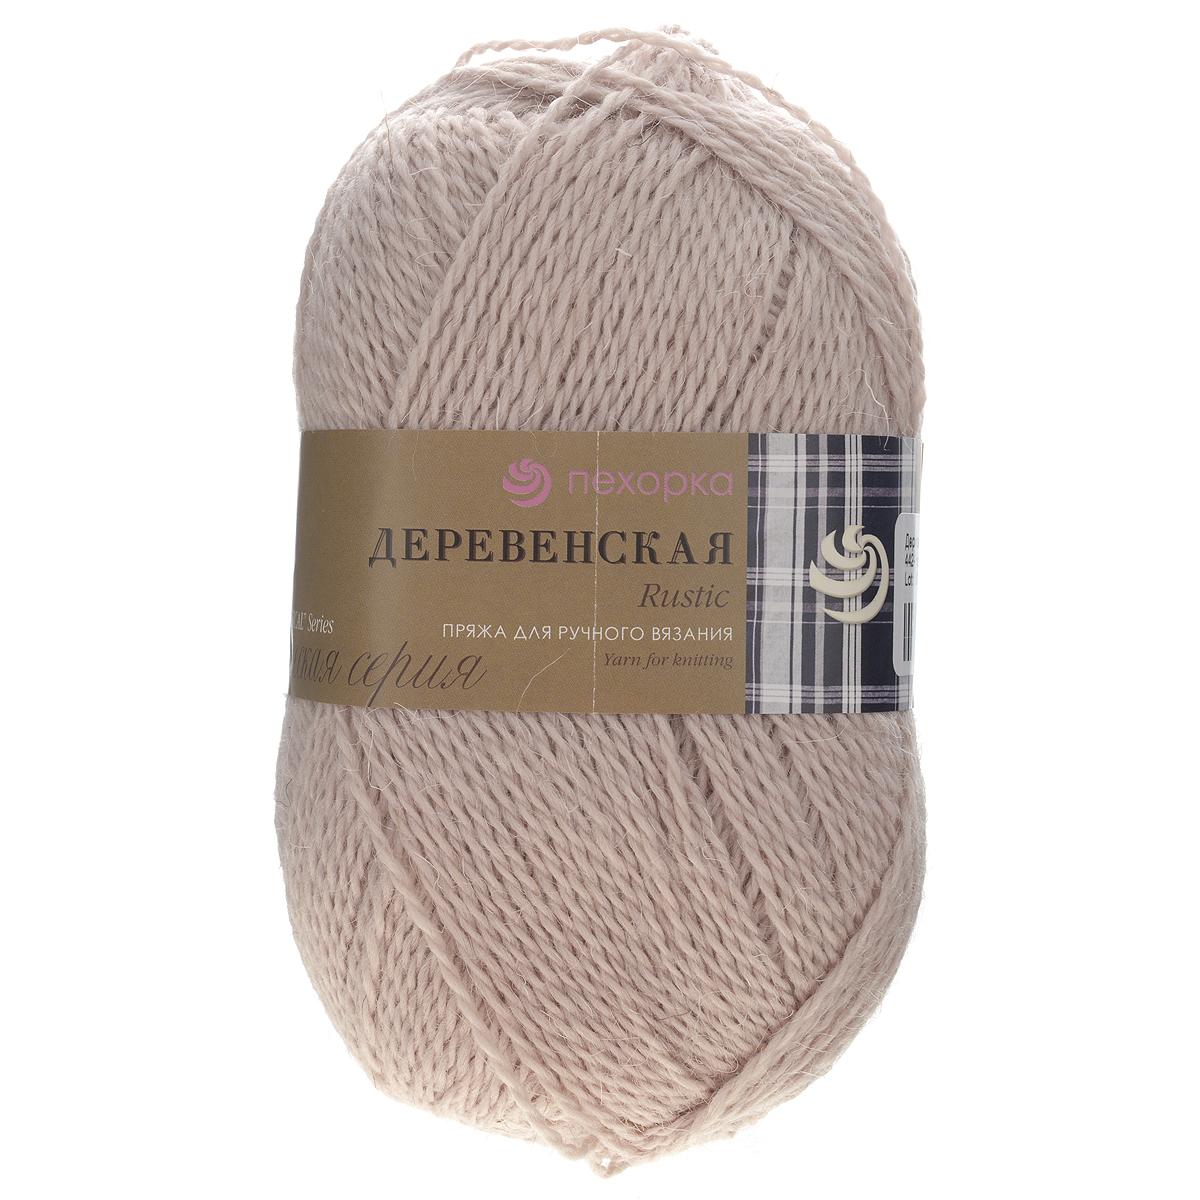 Пряжа для вязания Пехорка Деревенская, цвет: натуральный (442), 250 м, 100 г, 10 шт360039_442_442-НатуральныйПряжа для вязания Пехорка Деревенская изготовлена из 100% полугрубой шерсти. Деревенской названа потому что, в те прошлые далекие годы наши бабушки обрабатывали шерсть вручную, выпрядали пряжу и вязали рукавицы, носки, жилетки, свитера. Такой трикотаж получается колючий, но теплый, а также прекрасно держит форму. Рекомендуемые спицы для вязания №3,5. Толщина нити: 2 мм.